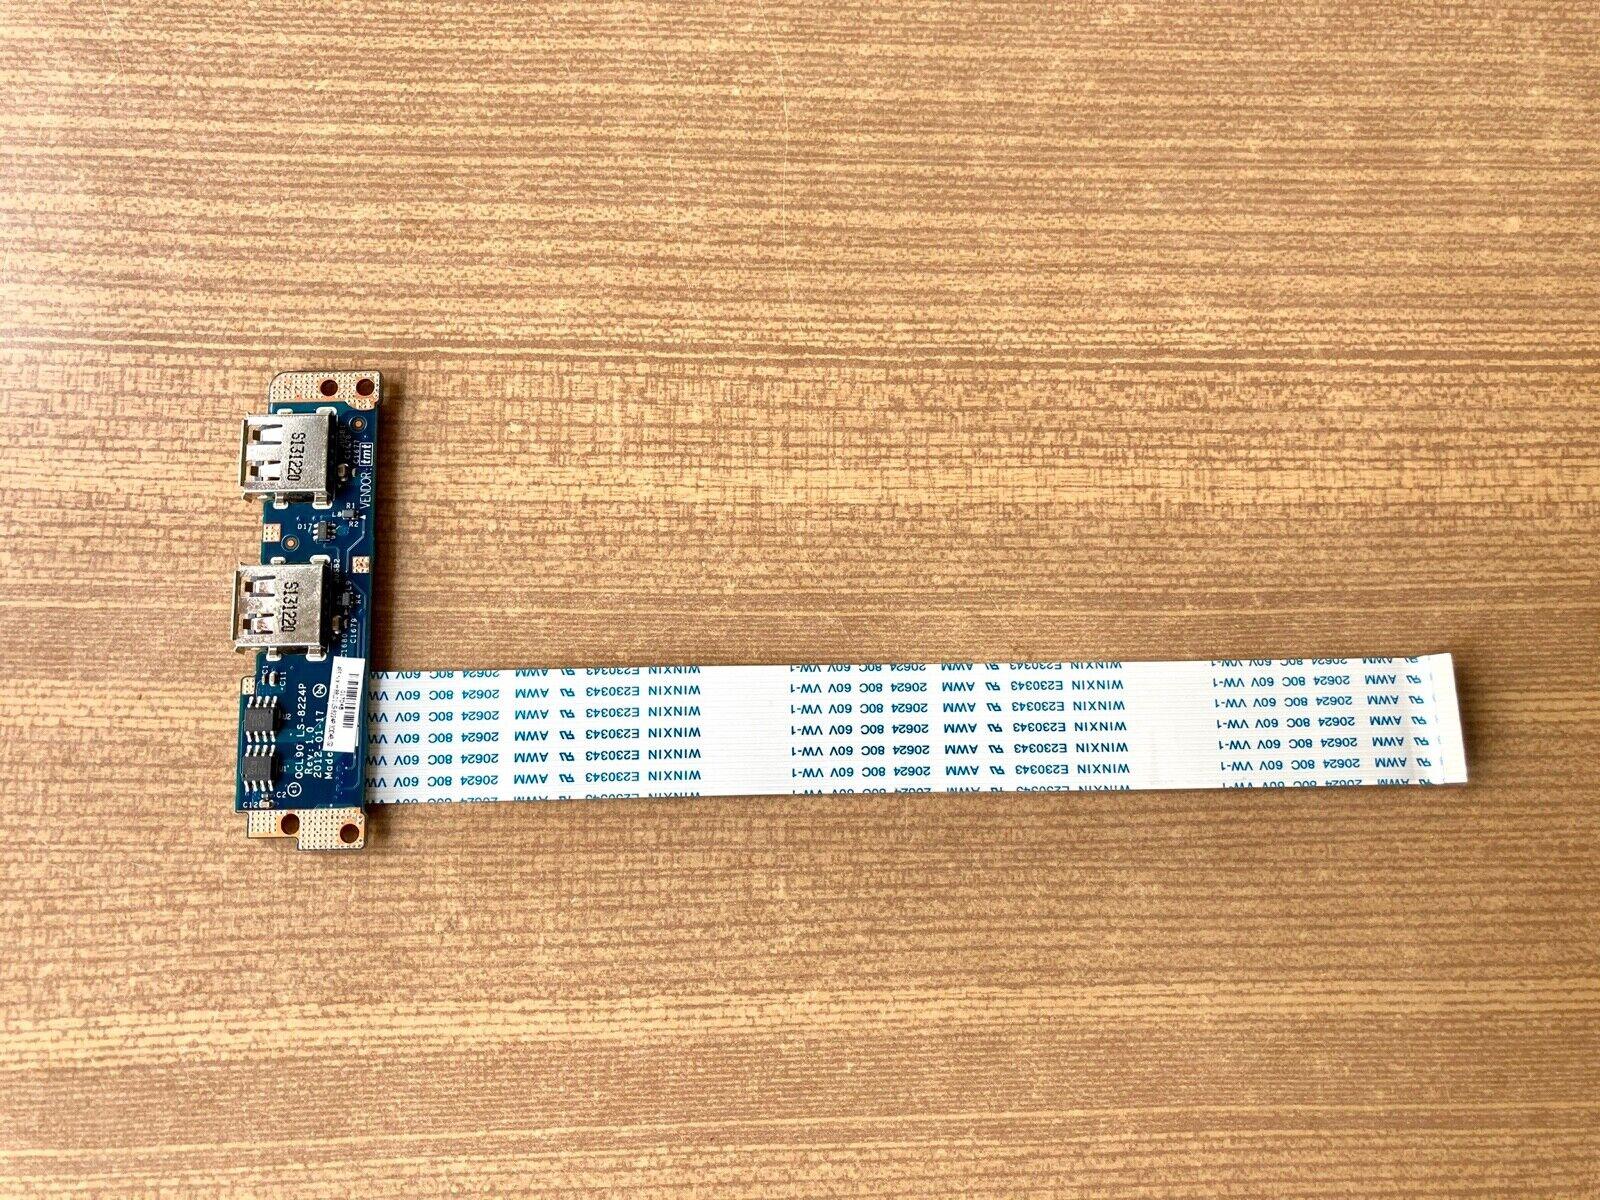 Usb board qcl90 ls-8224p 455nxh88l01 pour asus r900v etc..